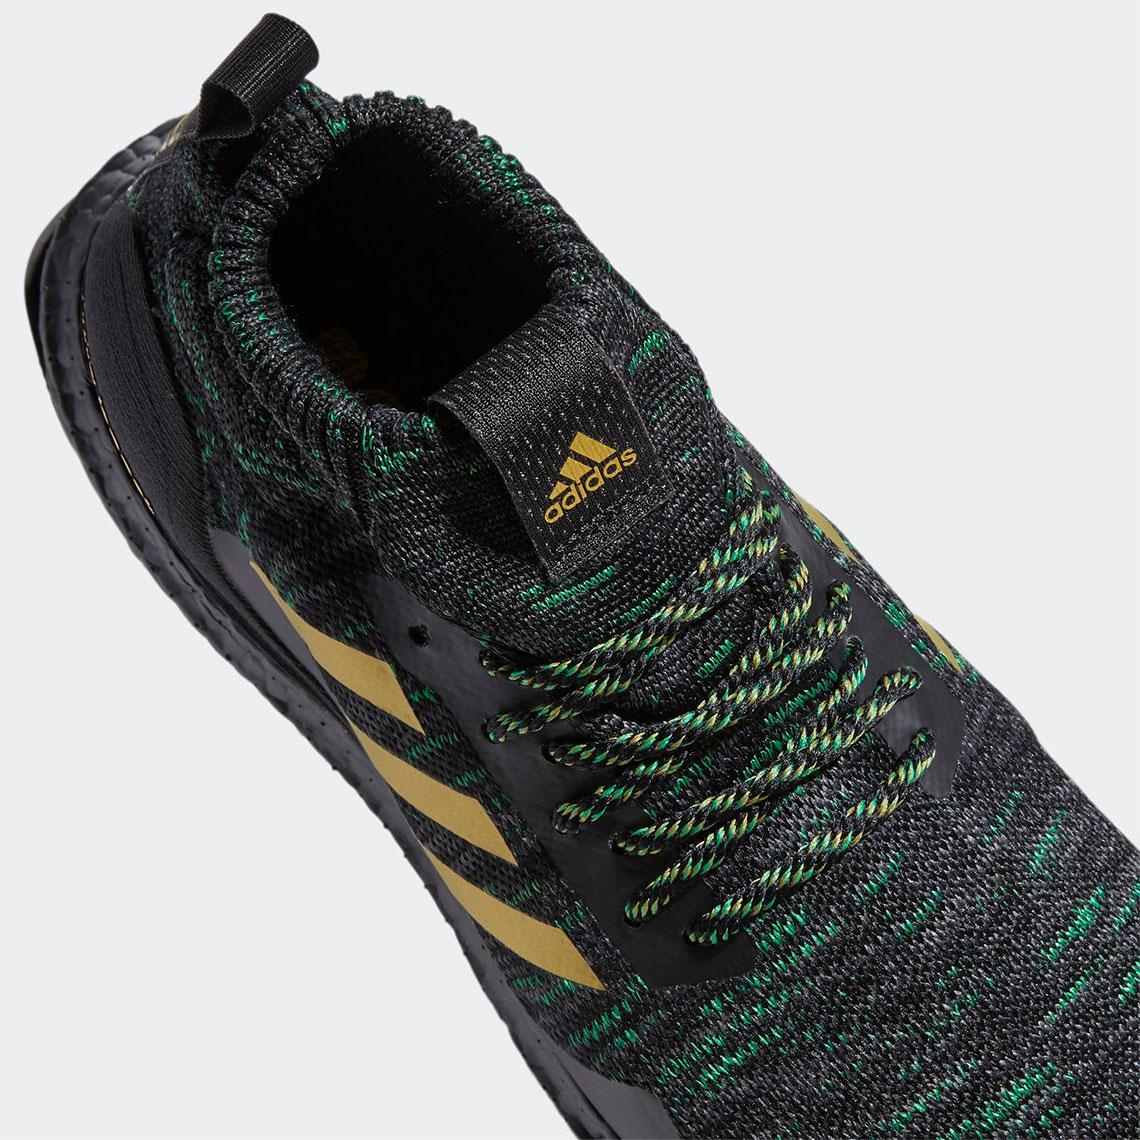 adidas Ultra Boost Mid Von Miller FZ5490 | SneakerNews.com